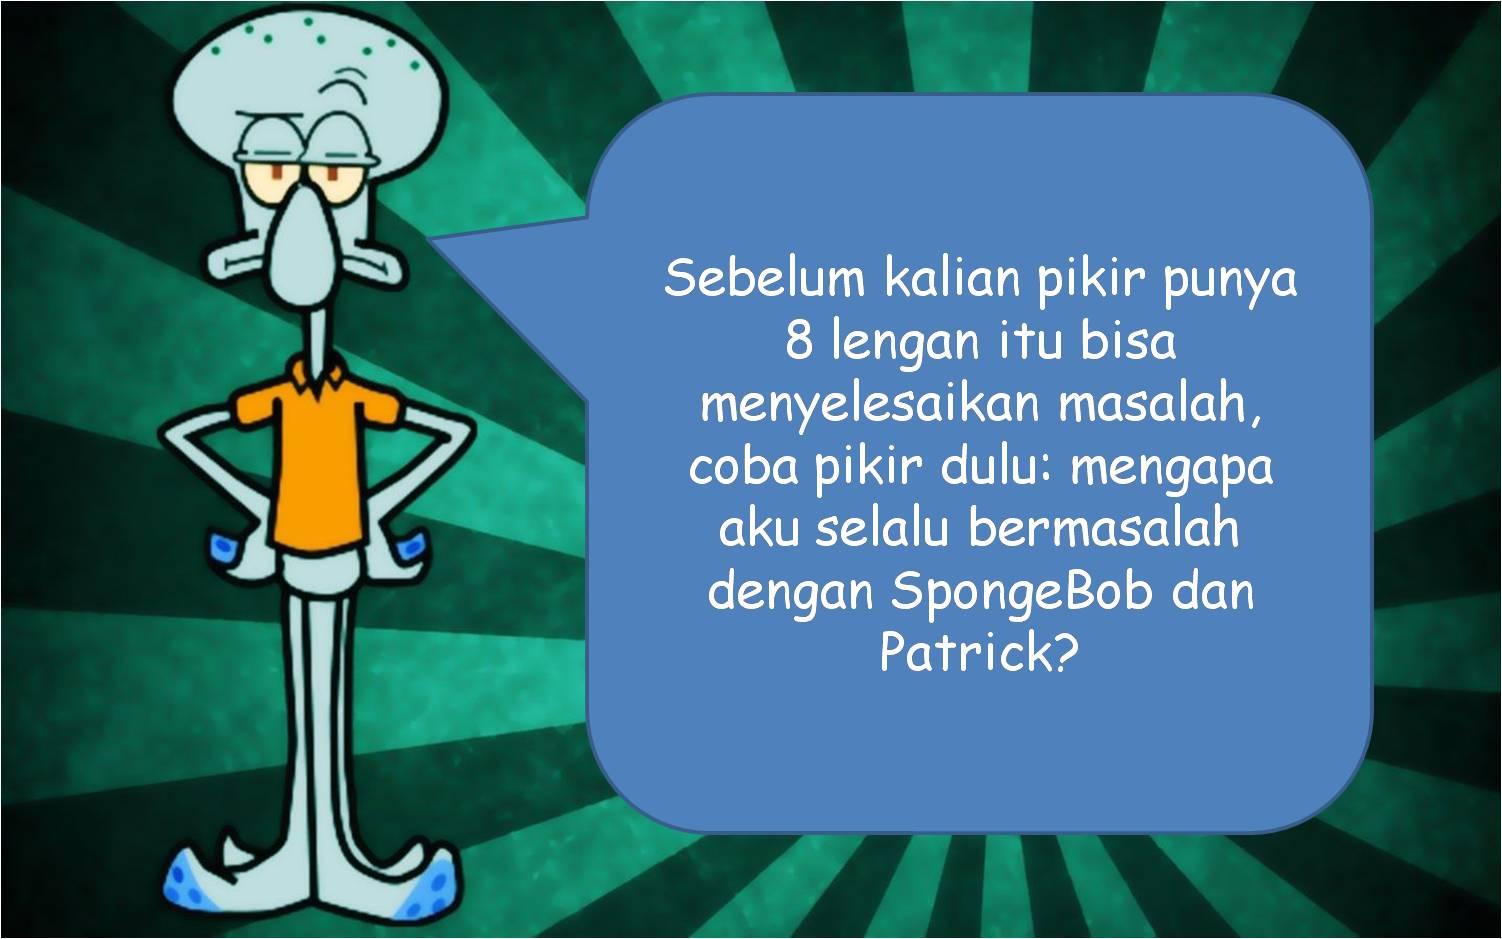 squidward quote1